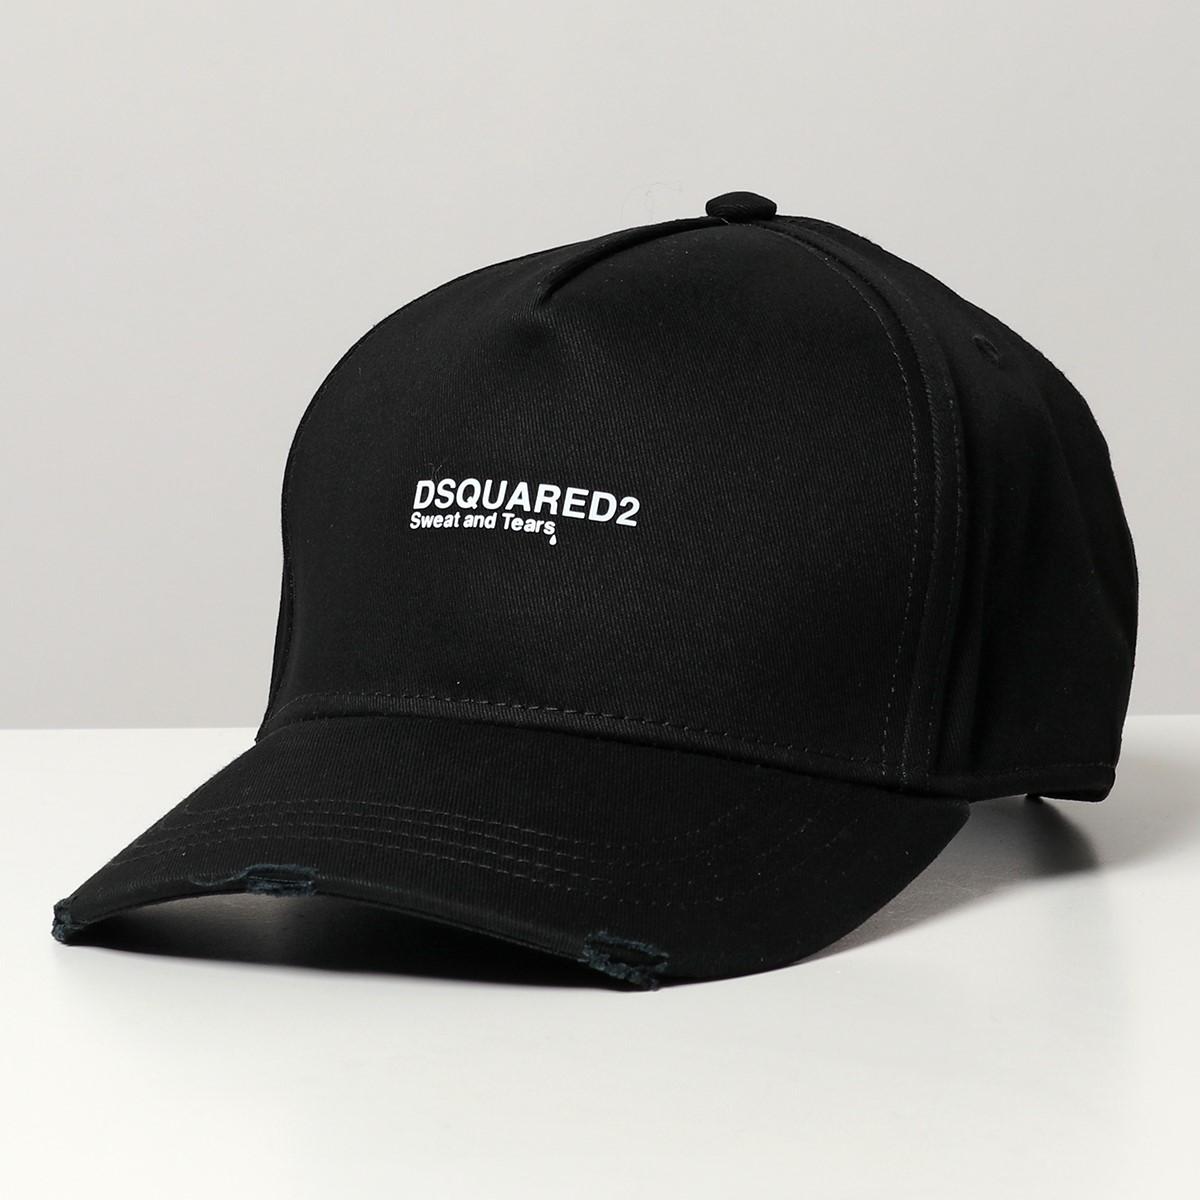 2021年春夏新作 DSQUARED2 ディースクエアード BCW0027 結婚祝い 祝日 05C00001 コットン ベースボールキャップ メンズ ロゴ M063 2021ss 帽子 ダメージ